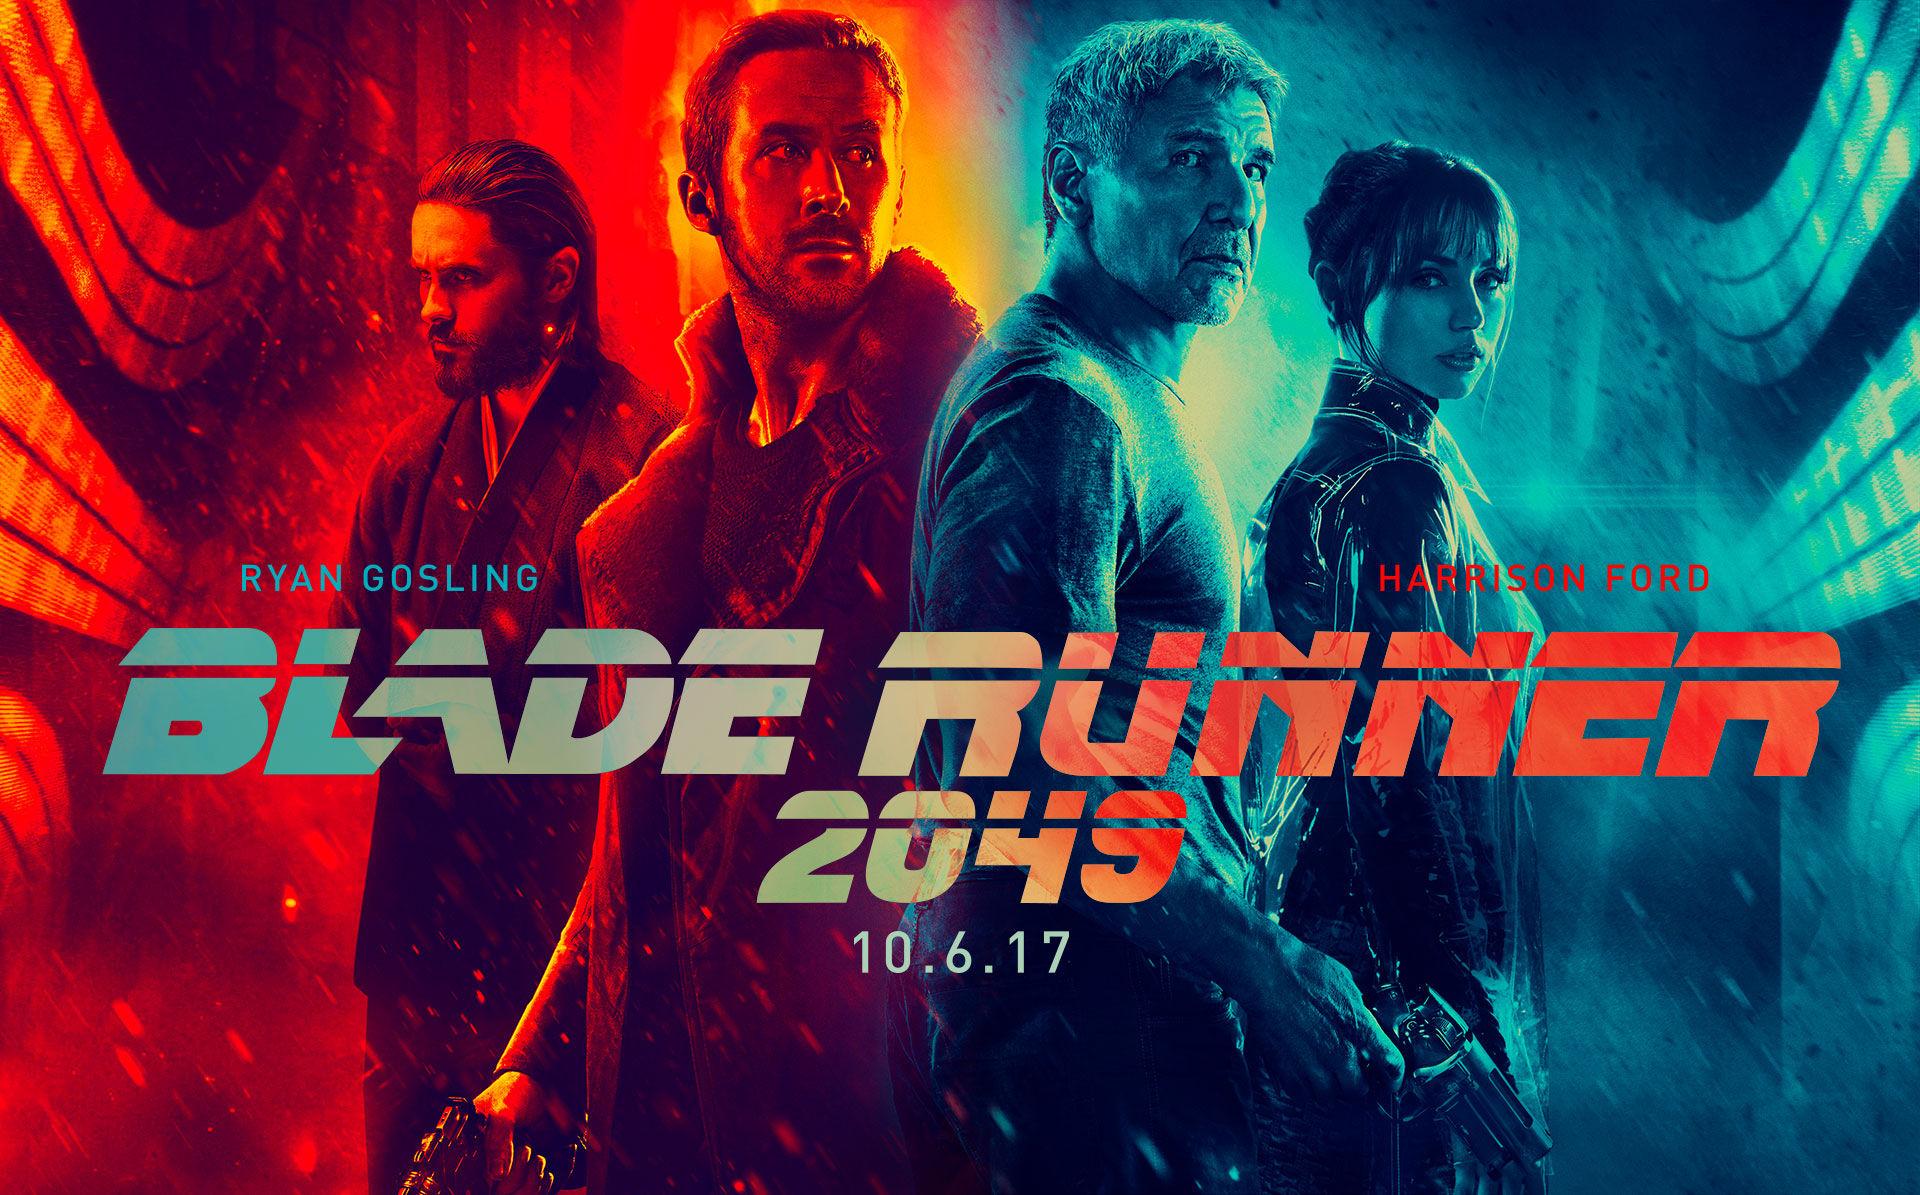 Blade Runner 2049 gick sämre än väntat på amerikansk bio